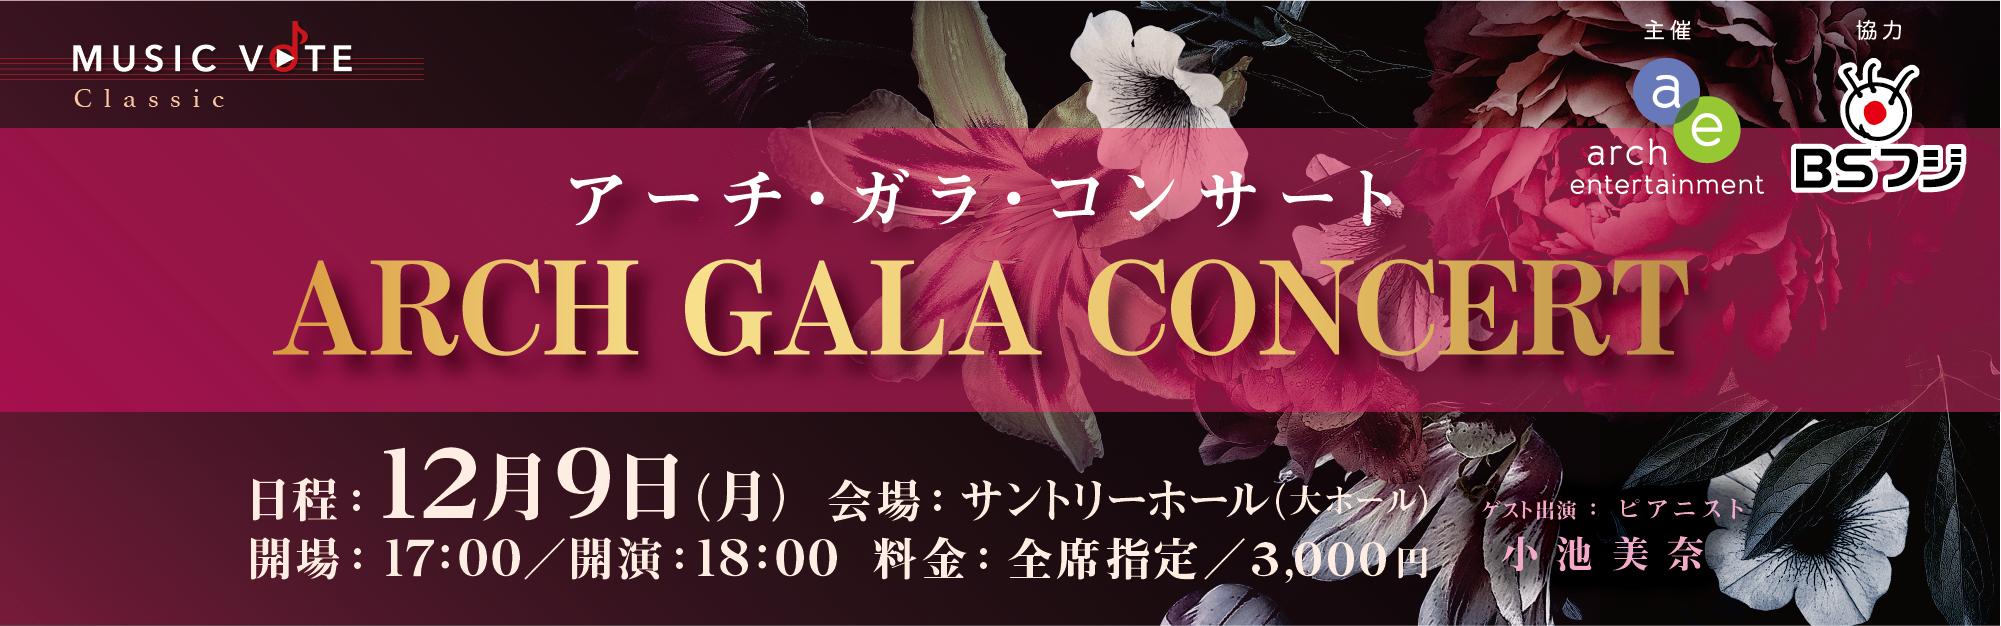 アーチガラコンサート